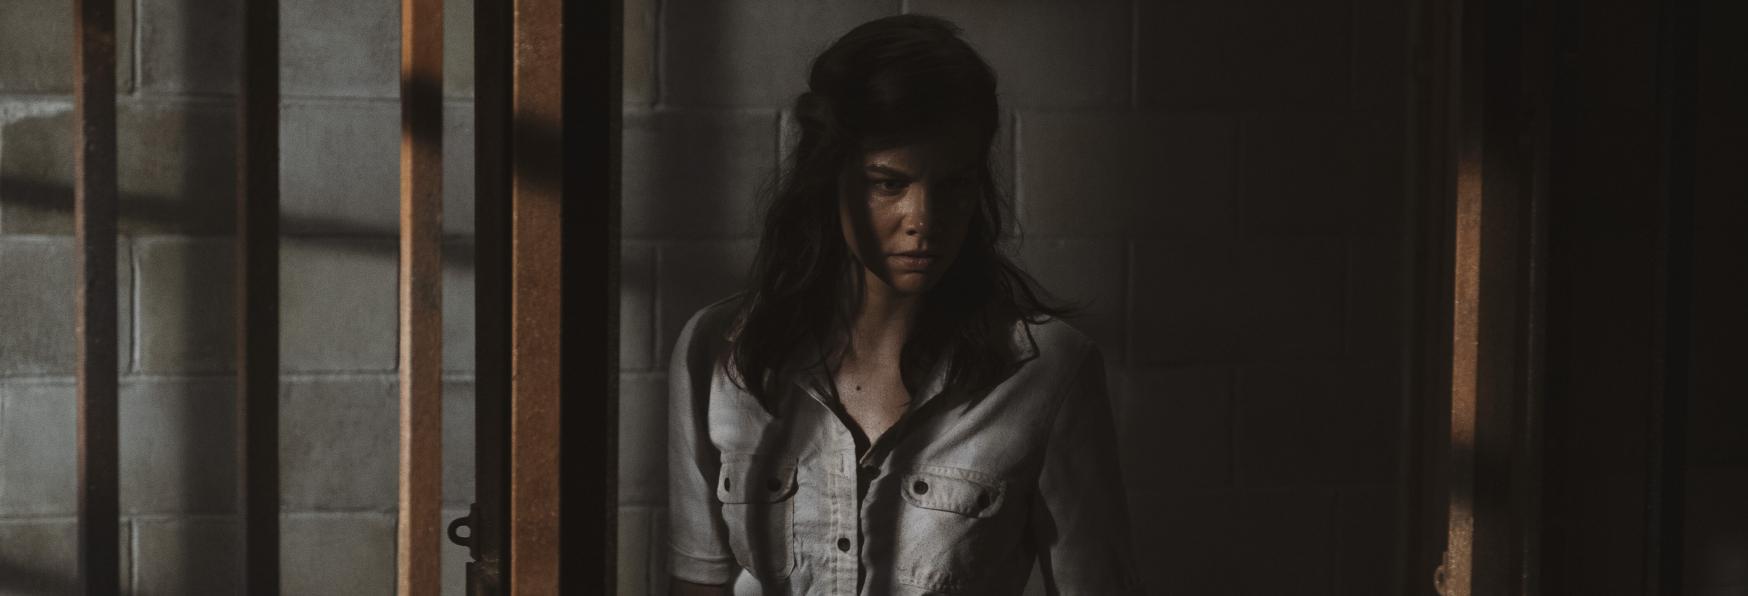 The Walking Dead 11: Nuove Anticipazioni su Maggie e Negan